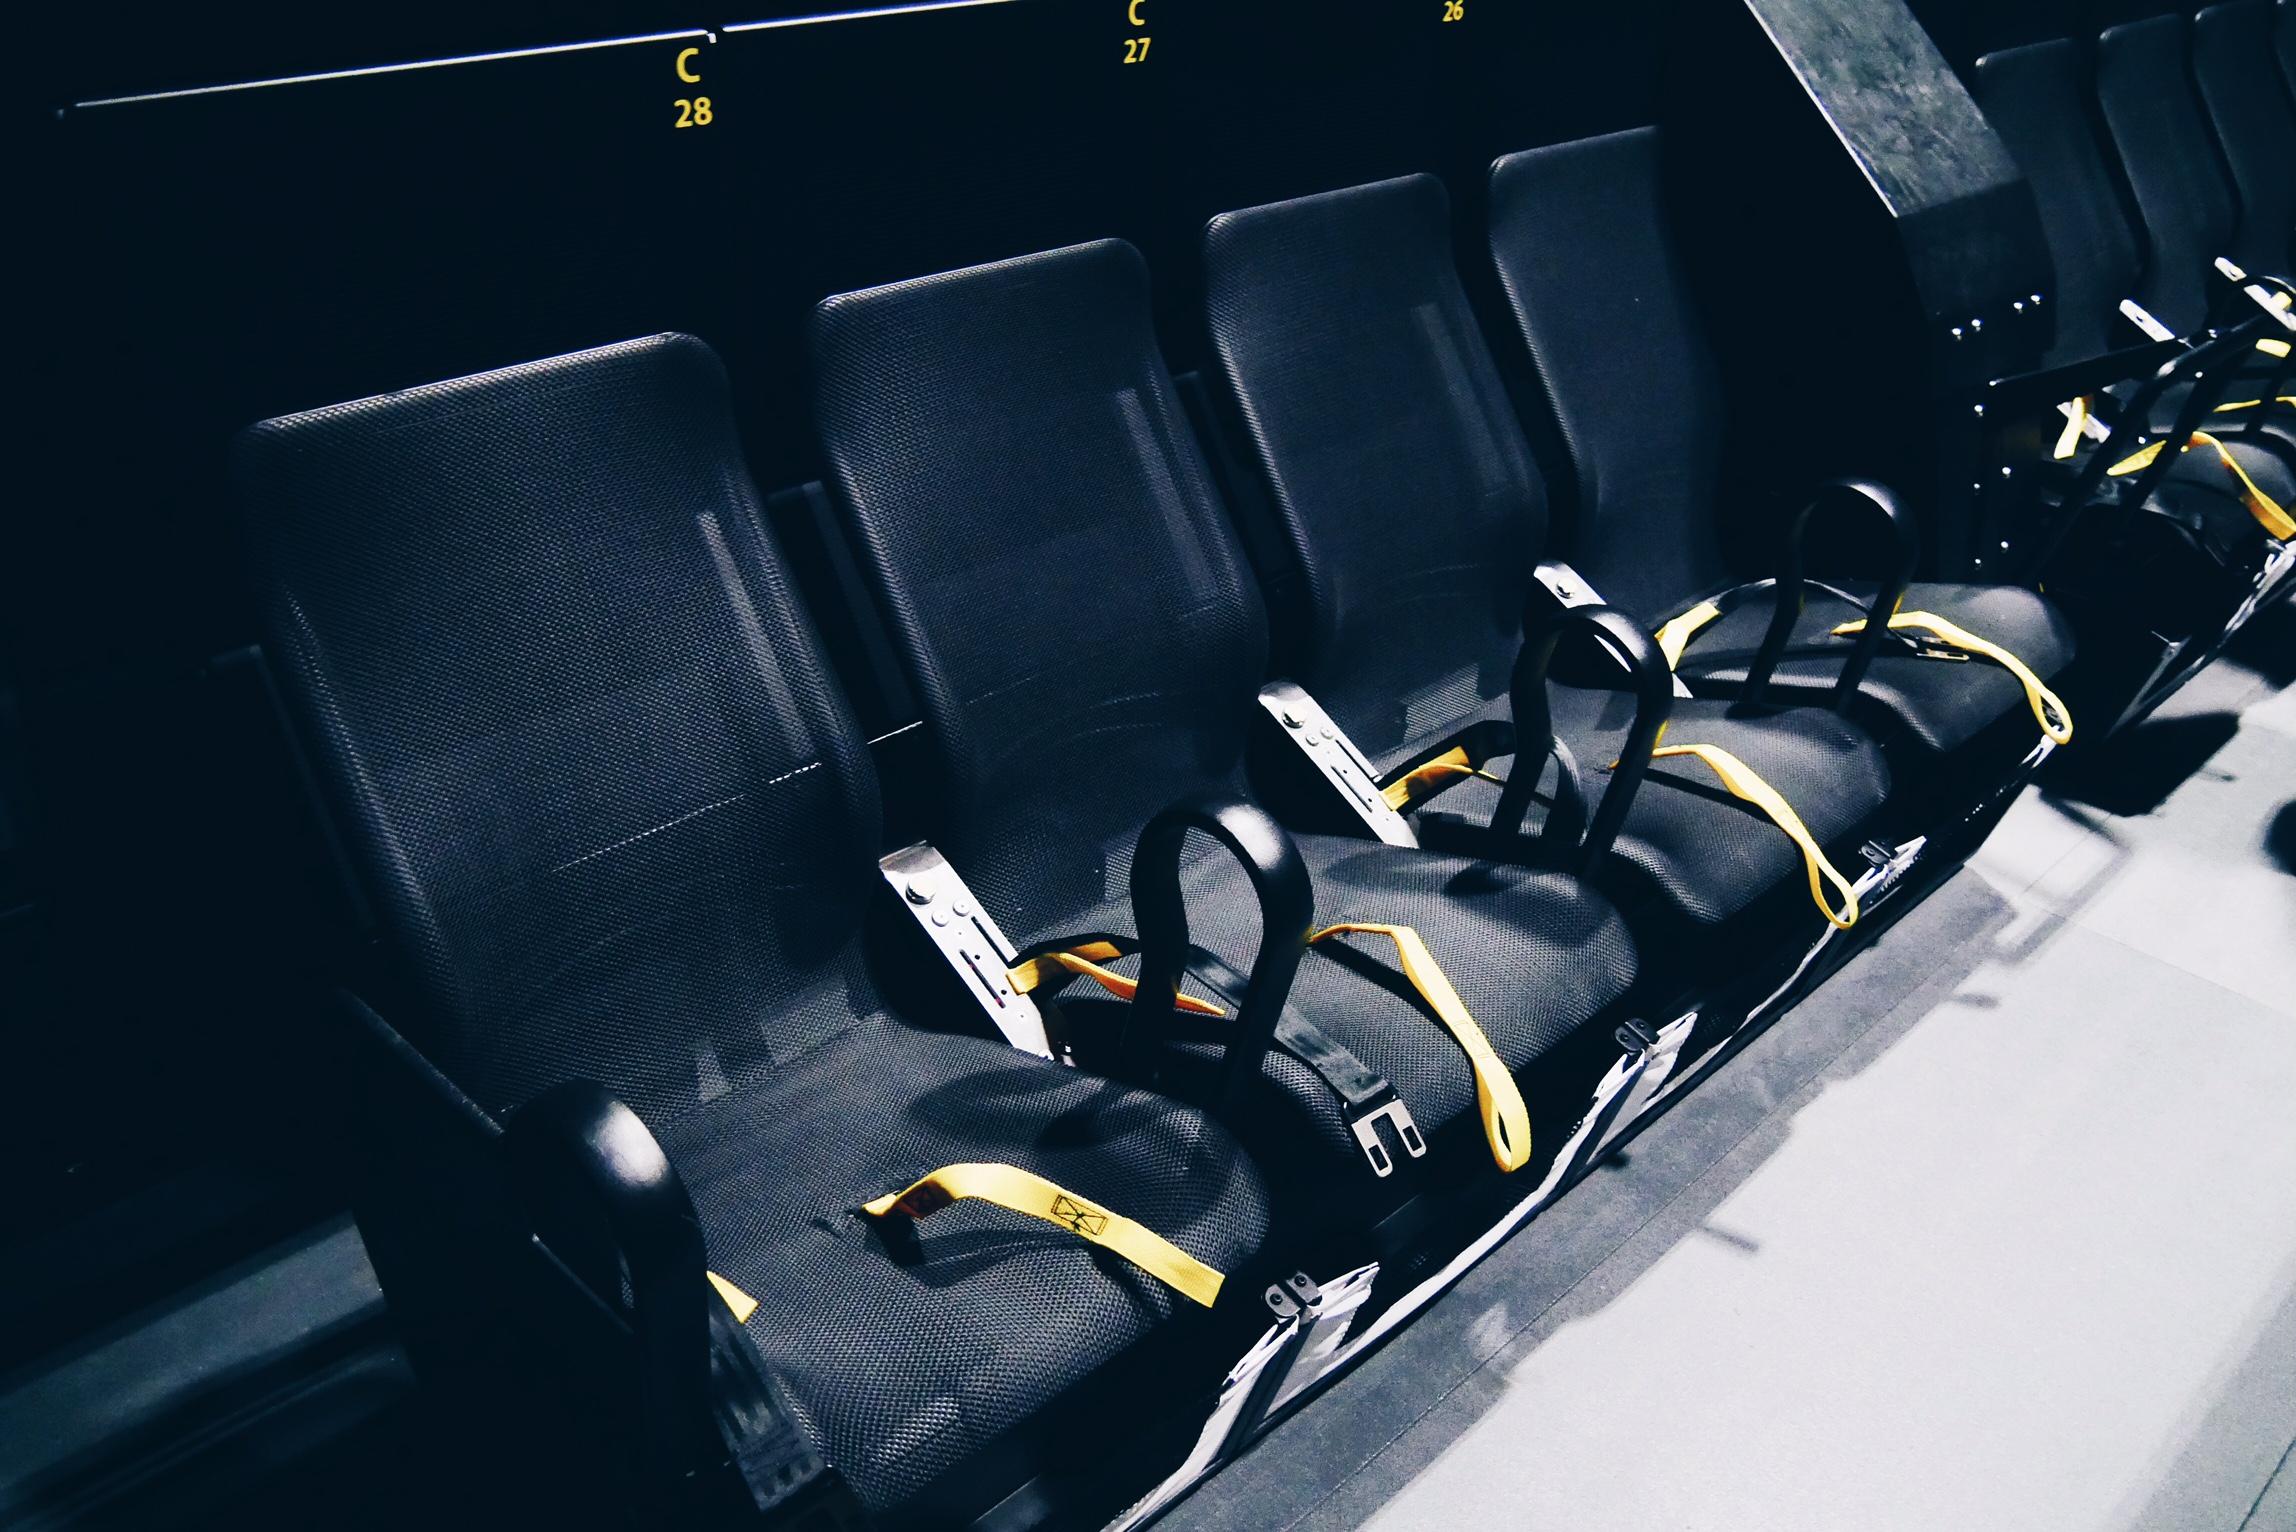 L-Extraodinaire-Voyage-Futuroscope-technologie-sièges-attraction-unique-en-Europe-photo-usofparis-blog